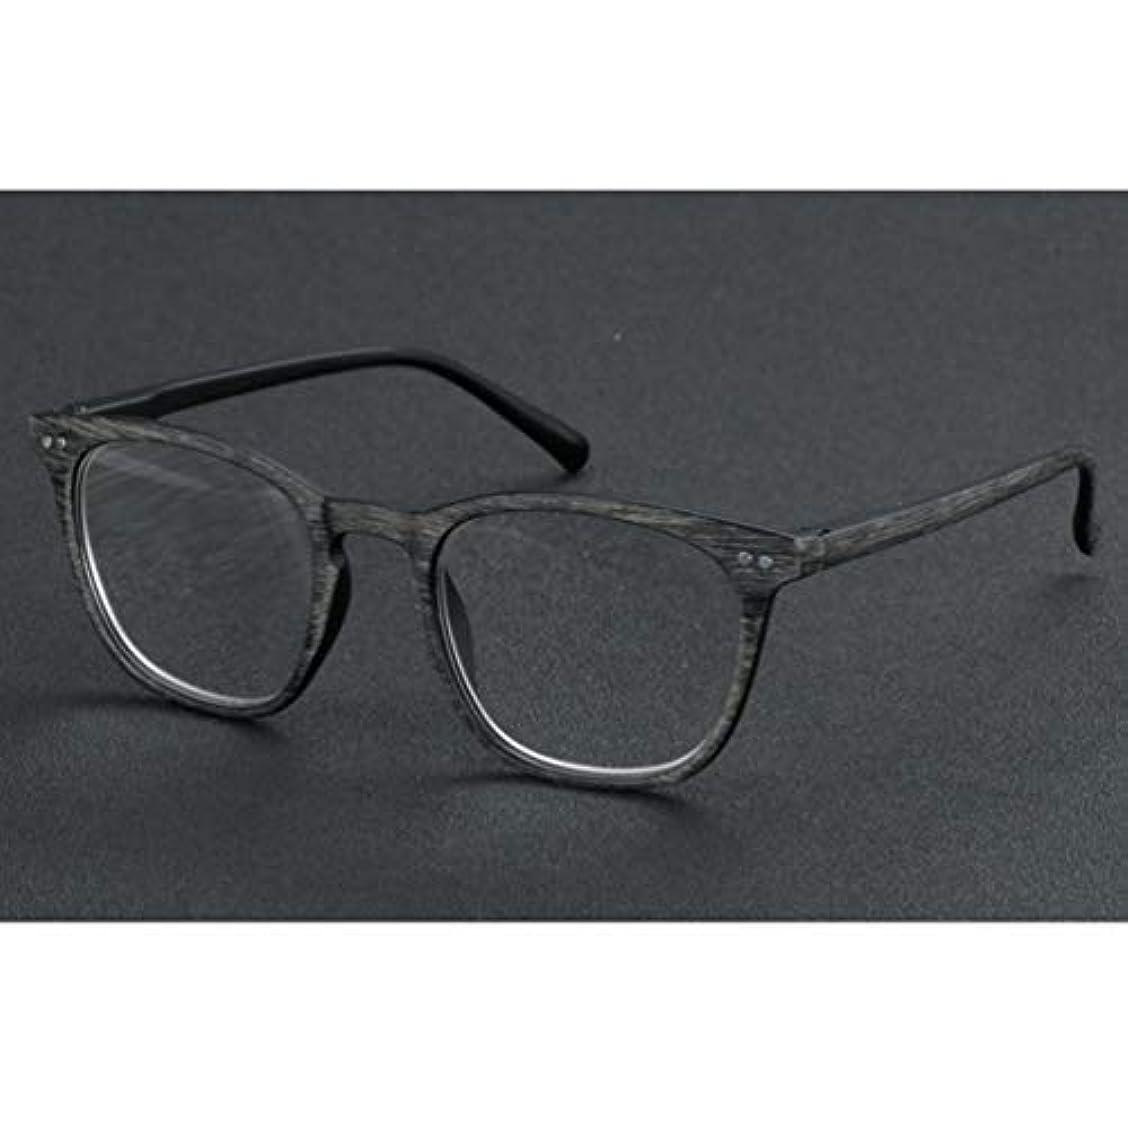 借りている財政ピーブプログレッシブ老眼鏡、読者コンピュータメガネ - メンズおよびウーマン用